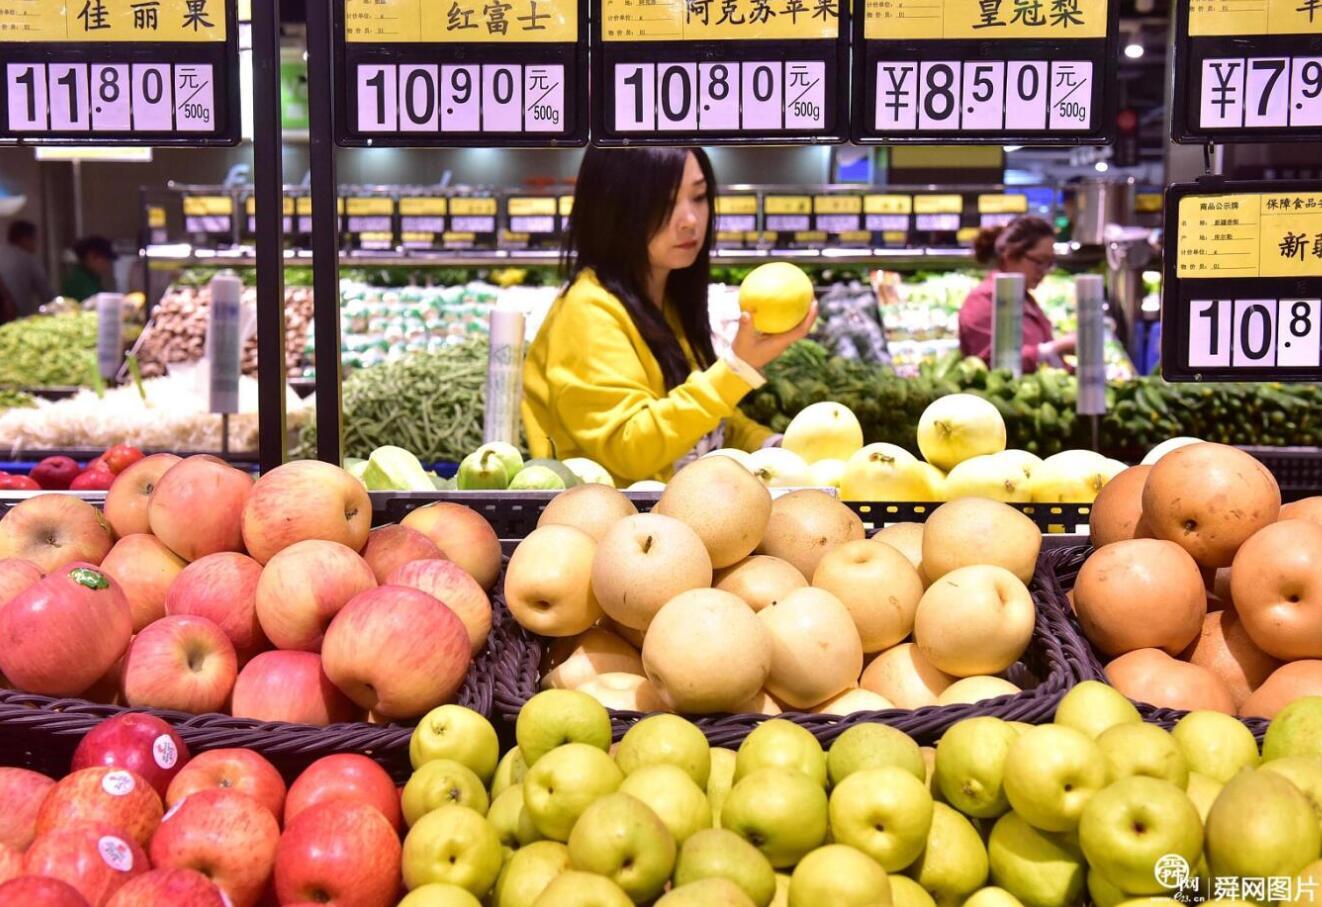 """全国水果价格呈现季节性上涨 不会""""高烧难退"""""""